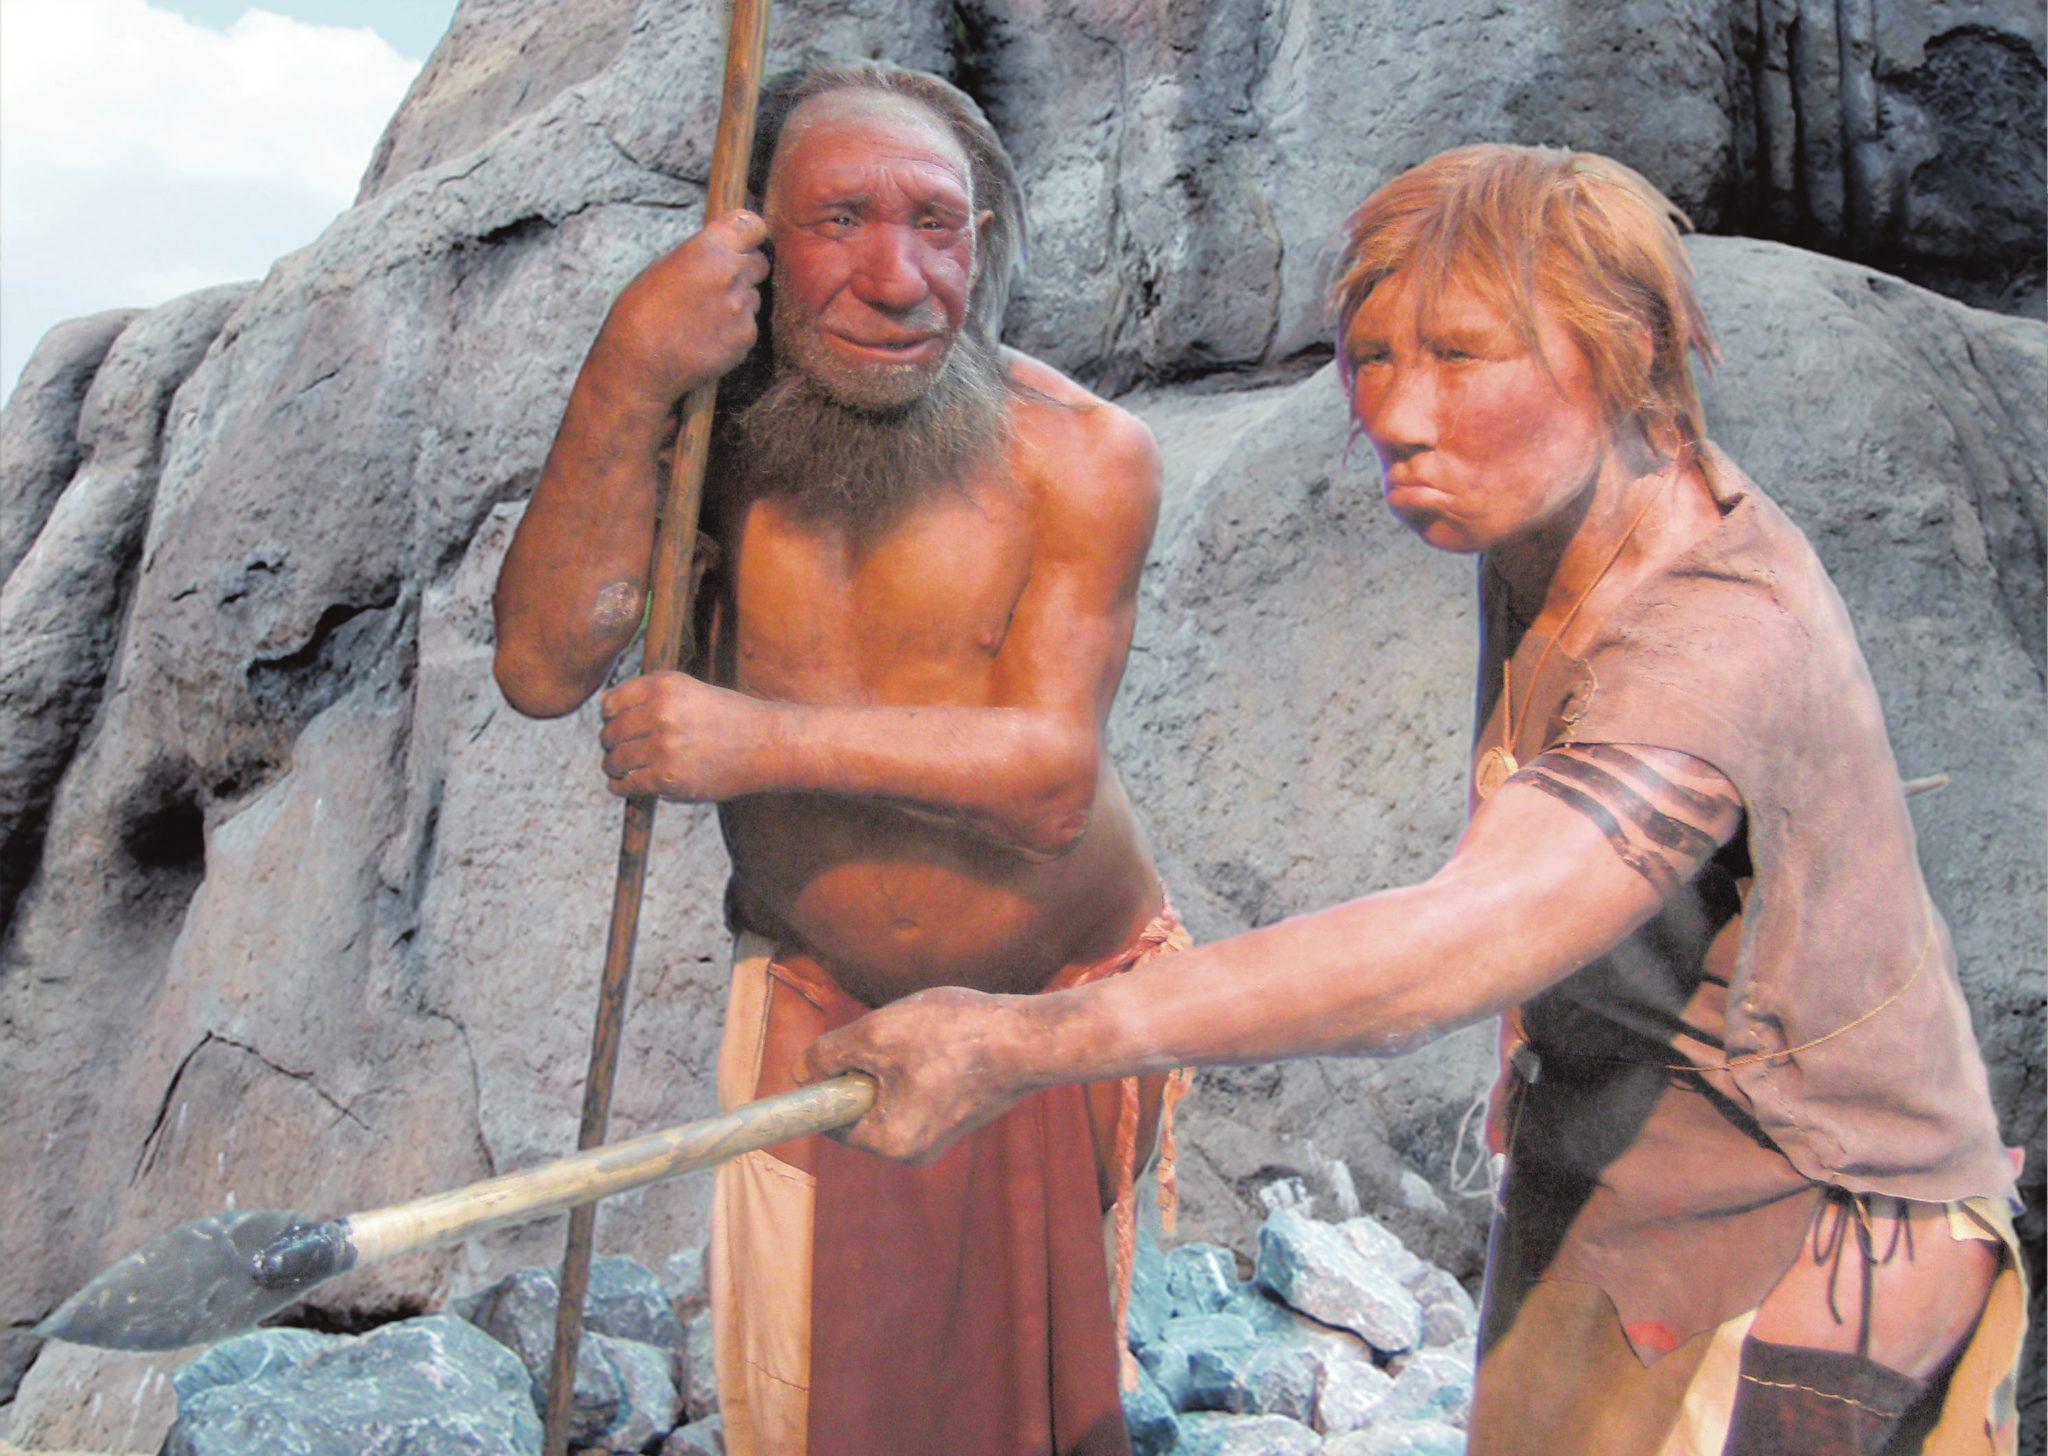 Реконструкция неандертальских мужчины и женщины, Неандертальский музей, Меттман, Германия («Википедия»)